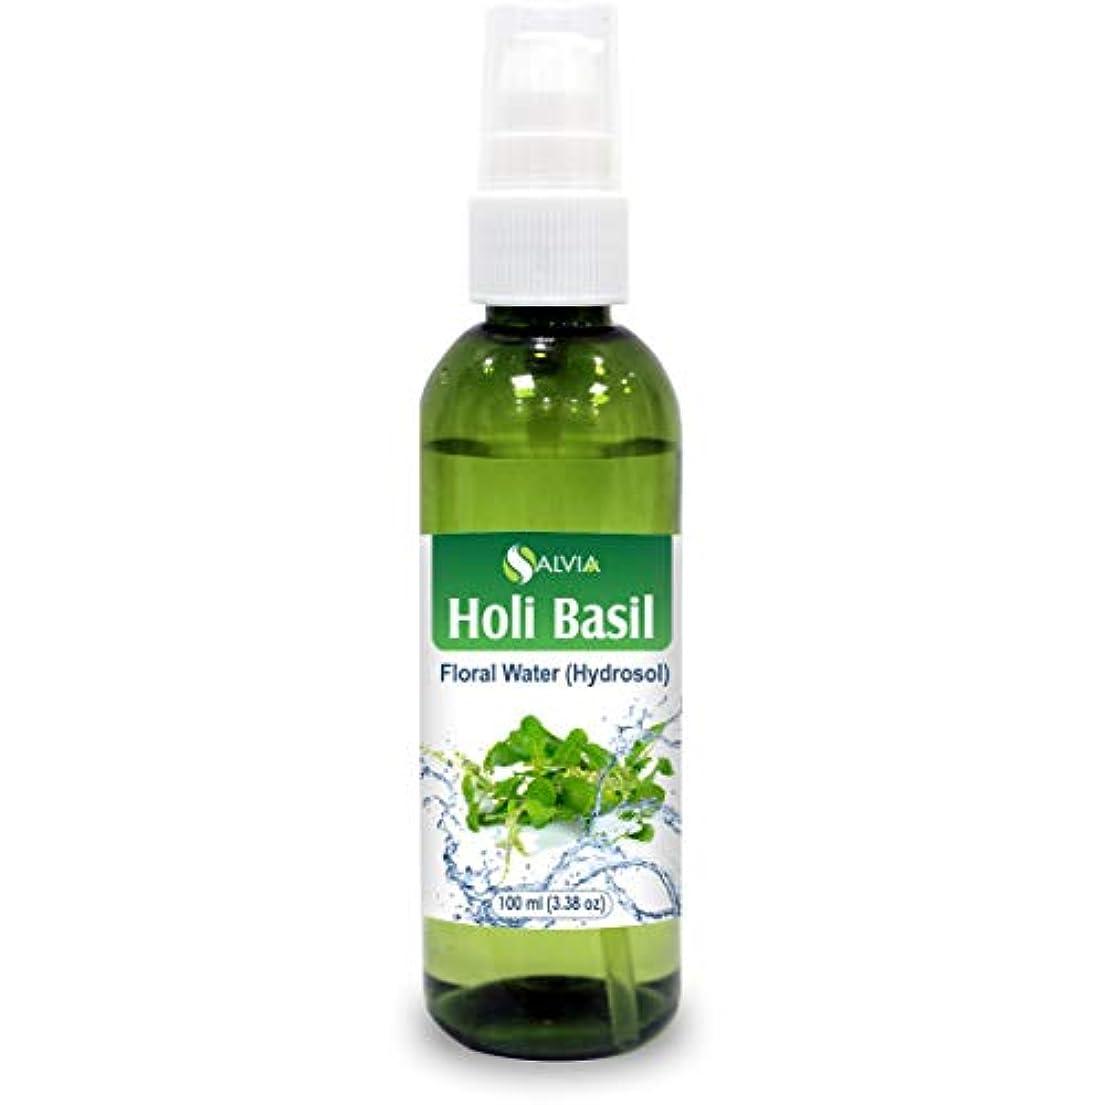 好色な誠実さ合金Holy Basil (Tulsi) Floral Water 100ml (Hydrosol) 100% Pure And Natural